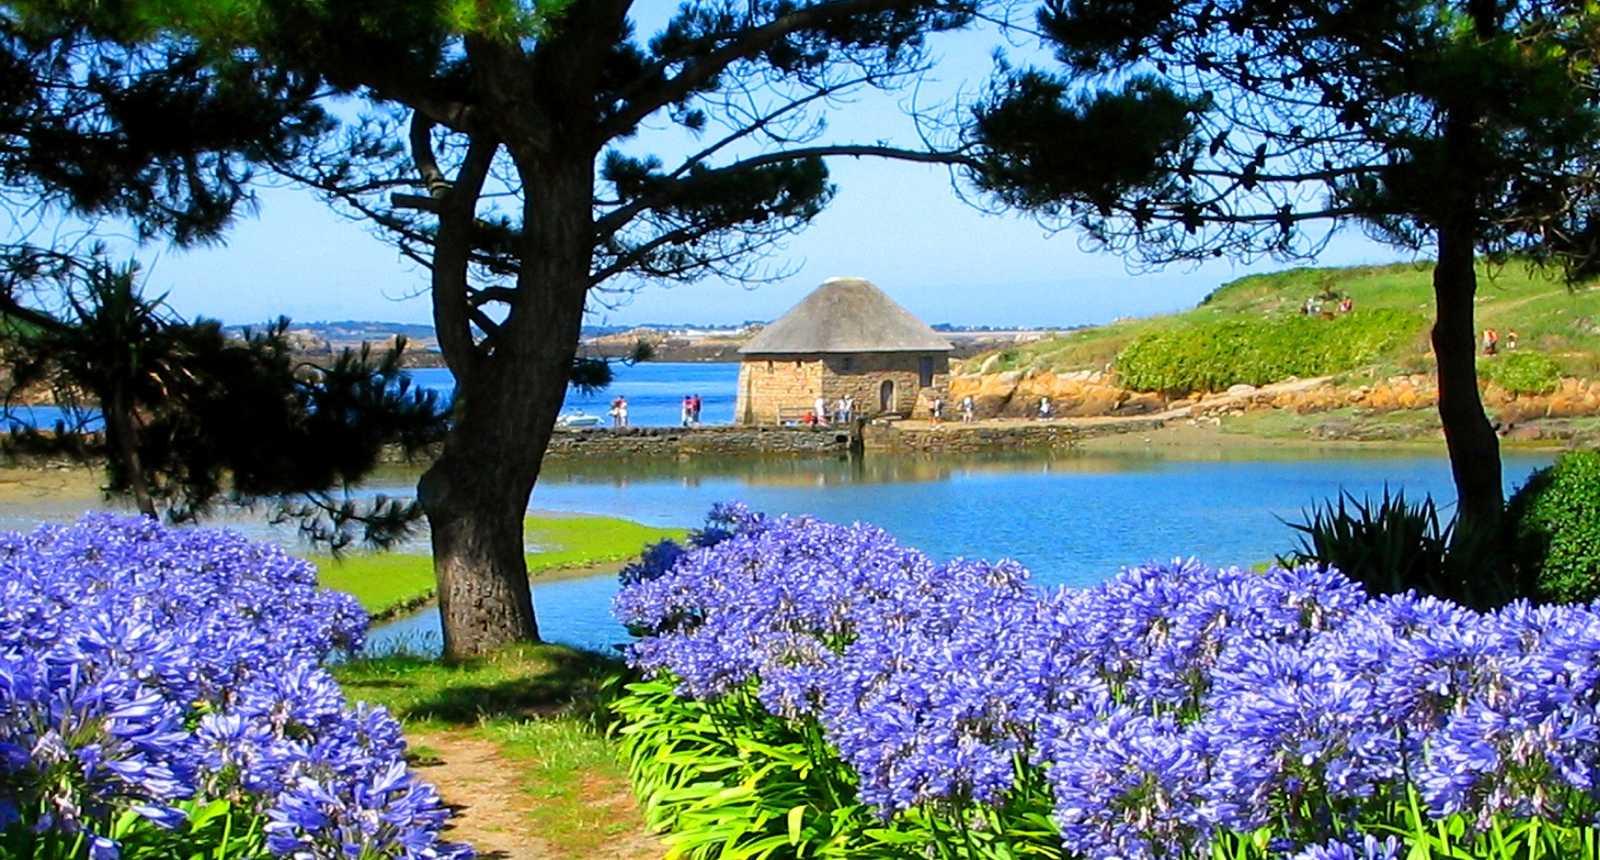 Le Moulin de Birlot sur l'Île de Bréhat